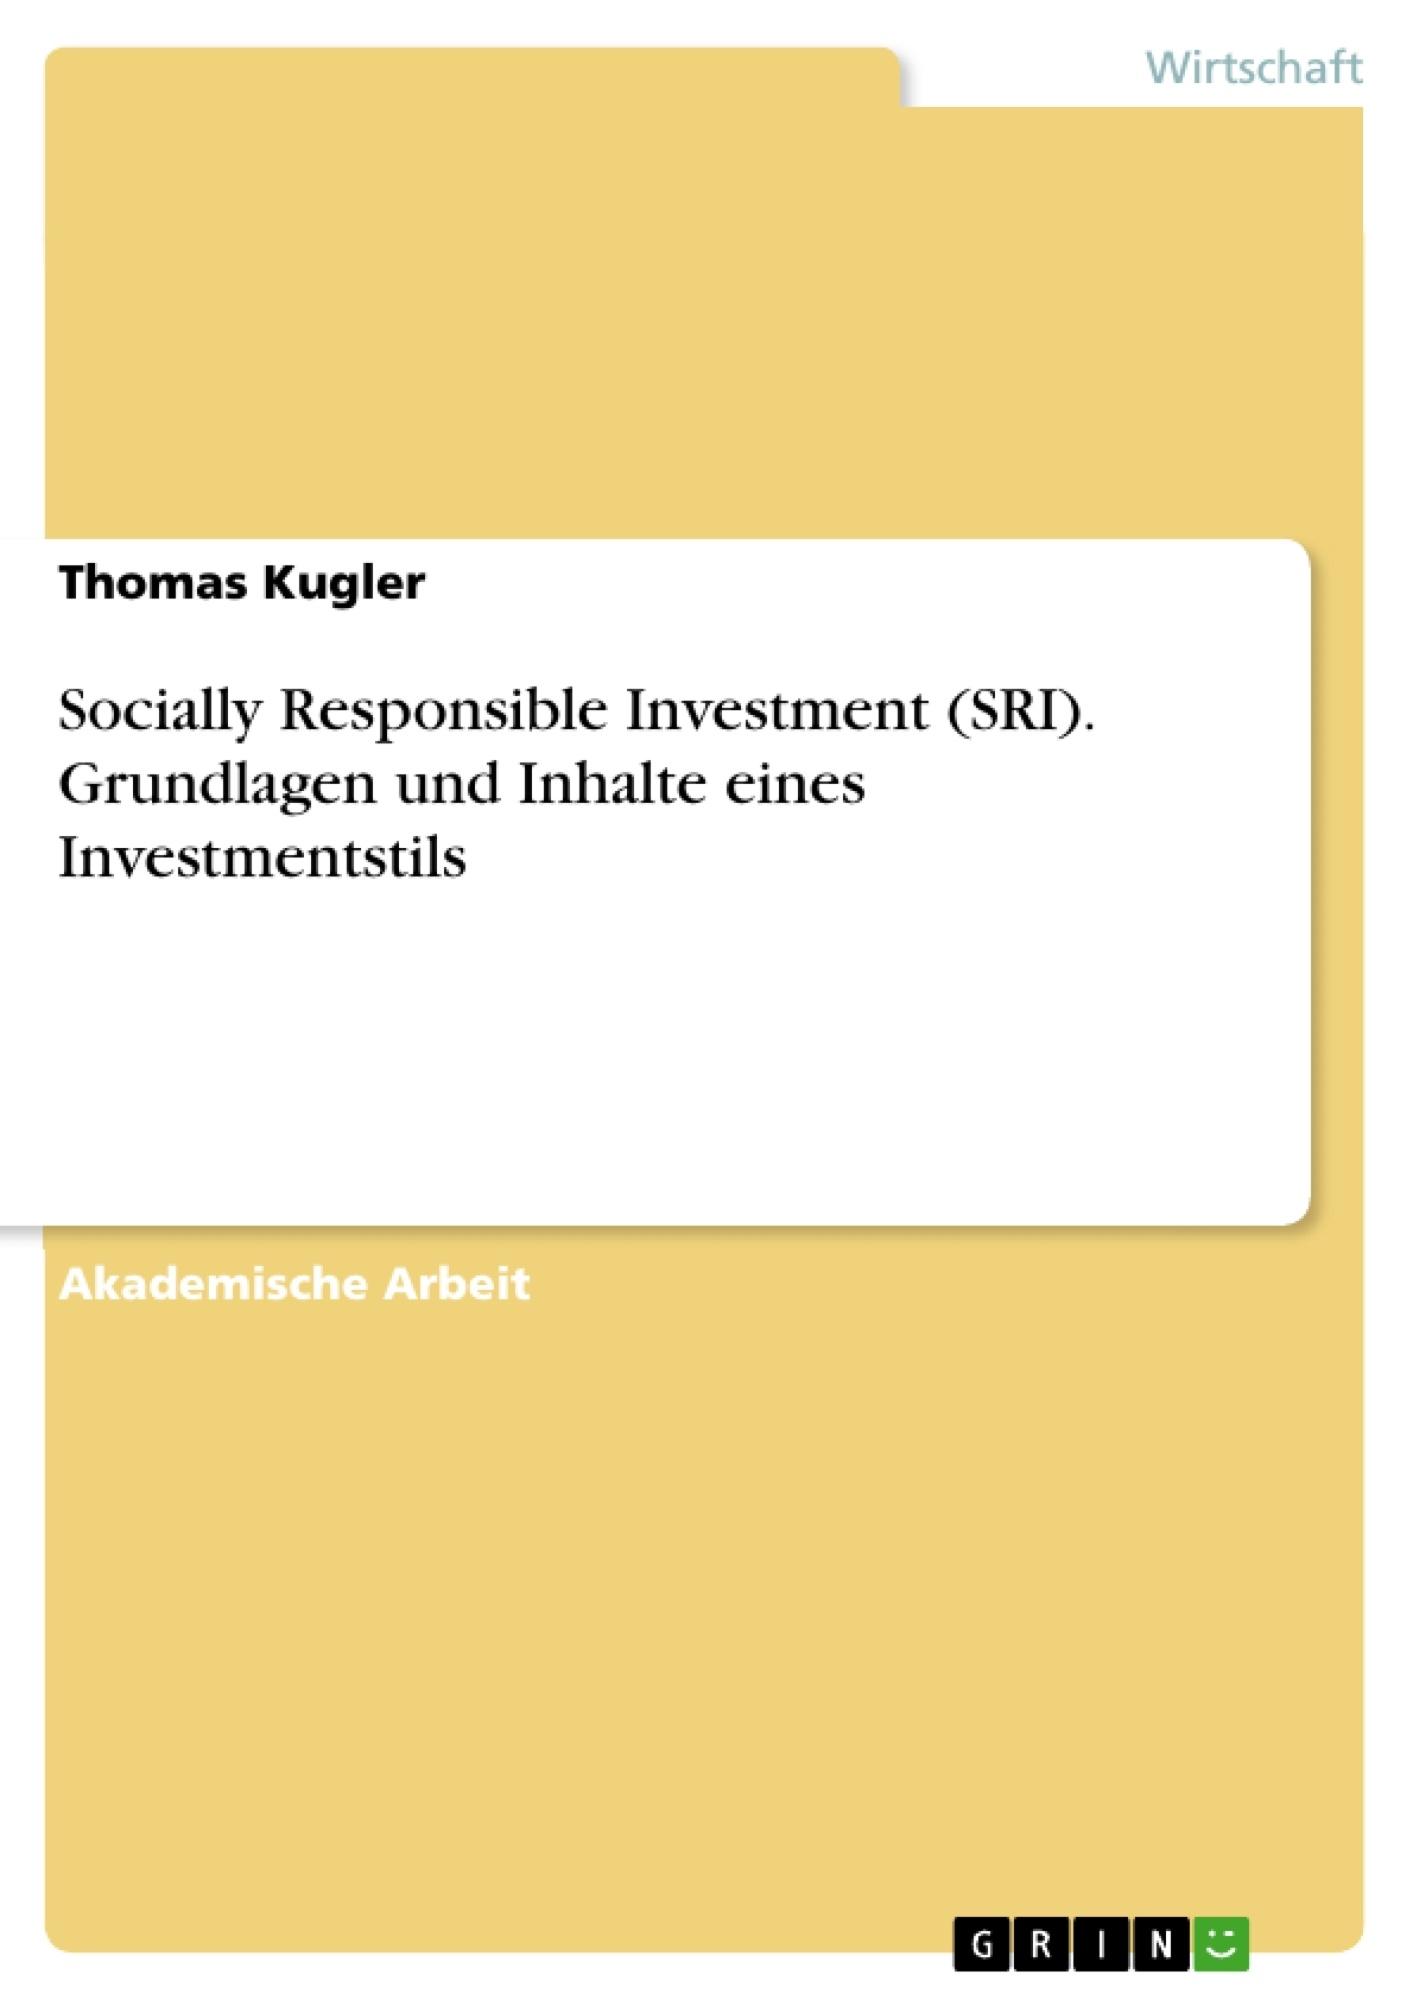 Titel: Socially Responsible Investment (SRI). Grundlagen und Inhalte eines Investmentstils